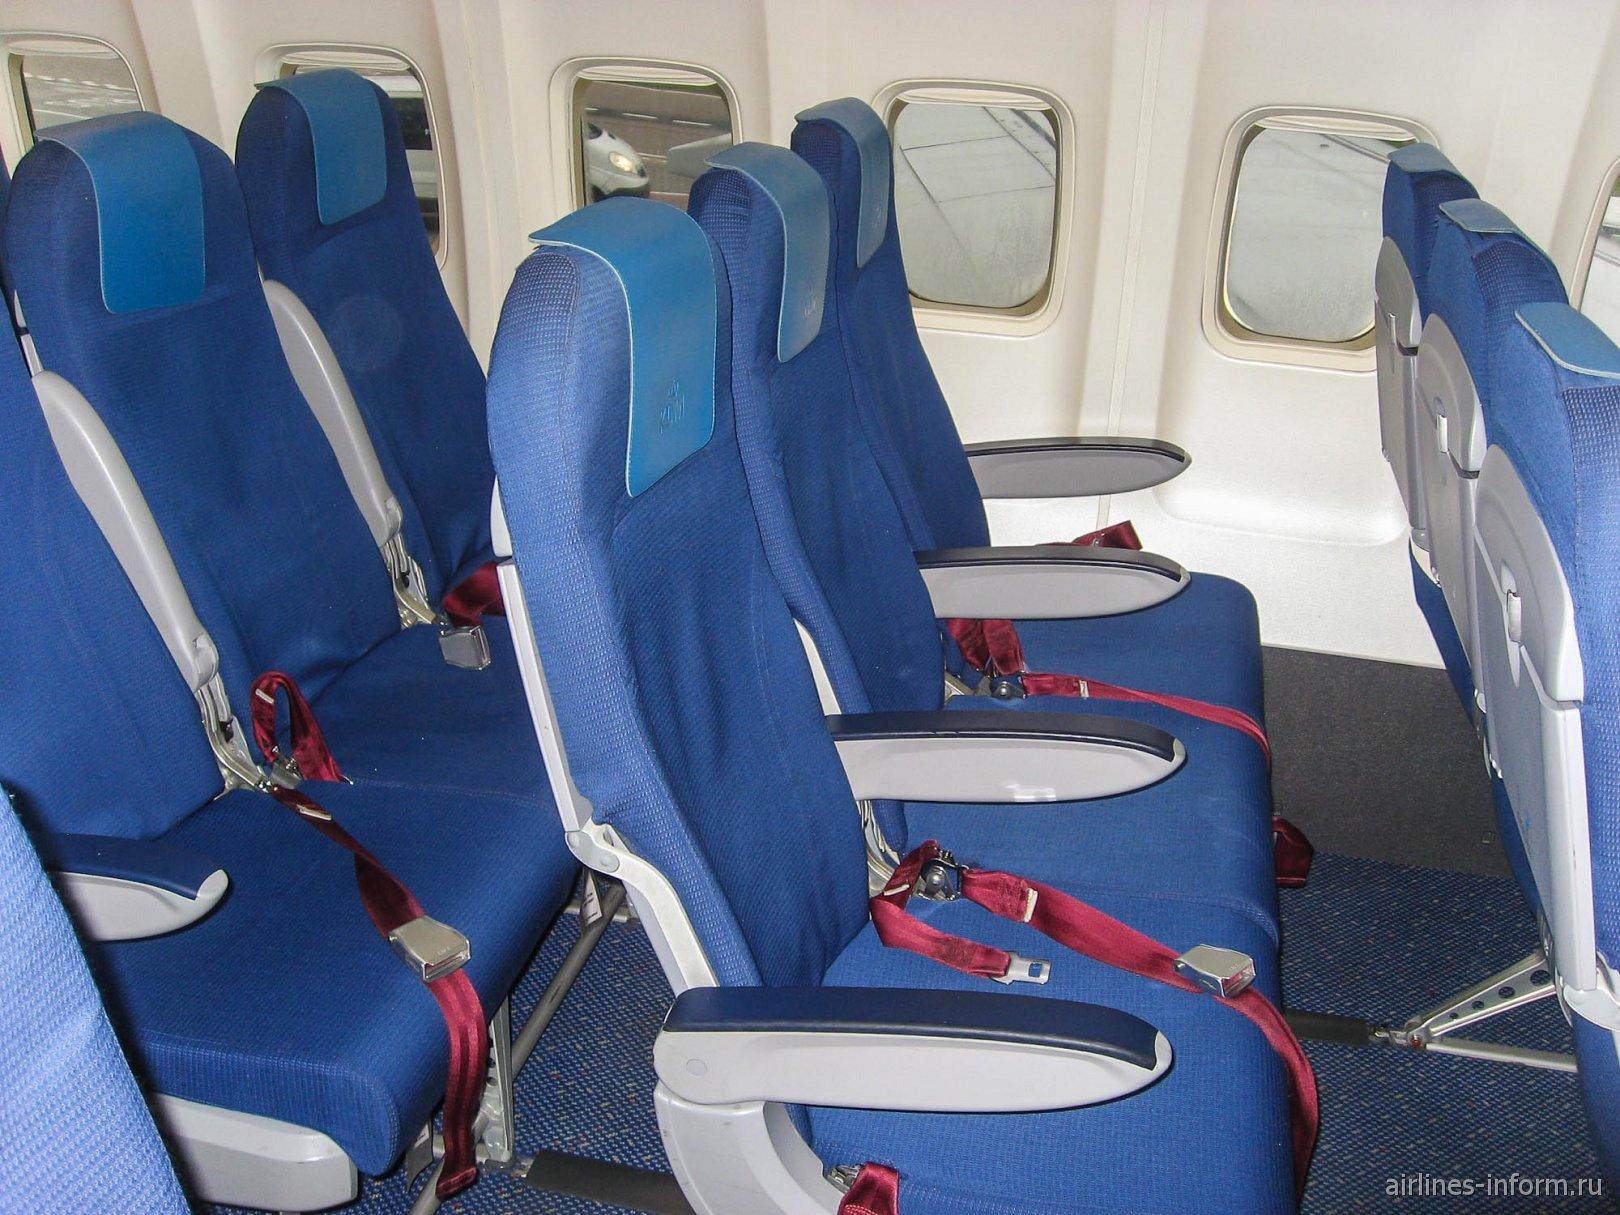 Пассажирские кресла в самолете Боинг-737-800 авиакомпании KLM